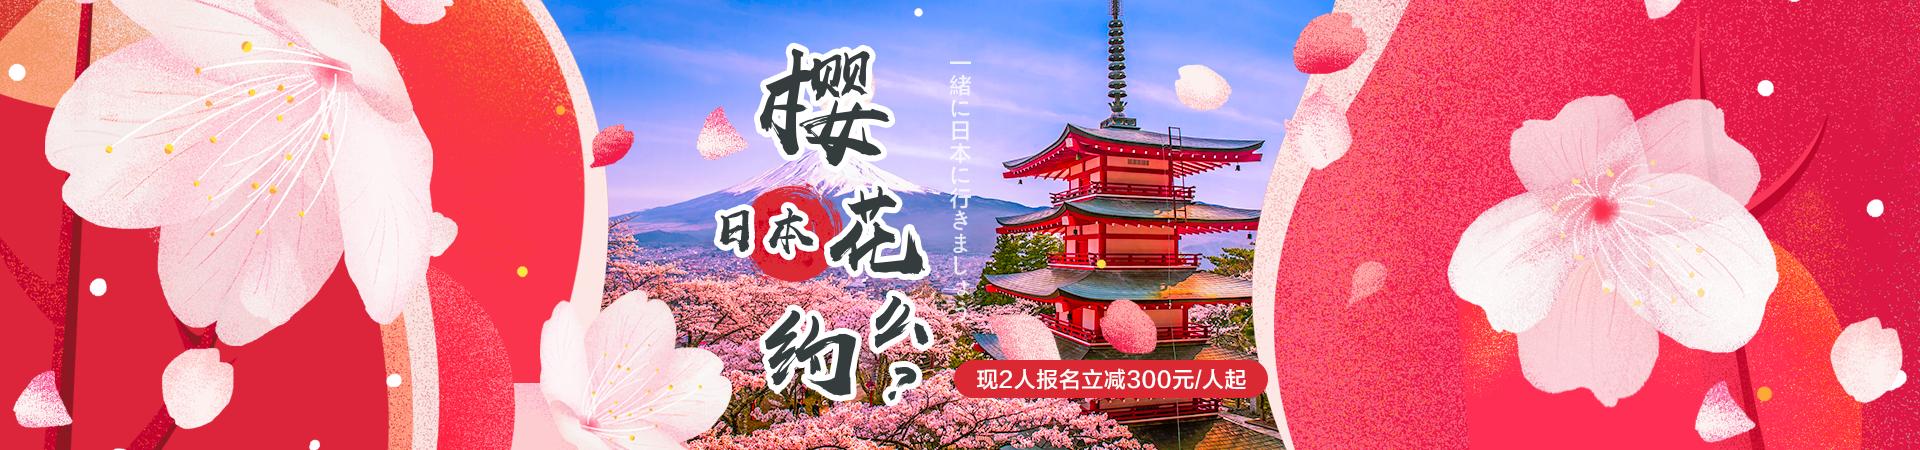 日本初春雪落樱花绽